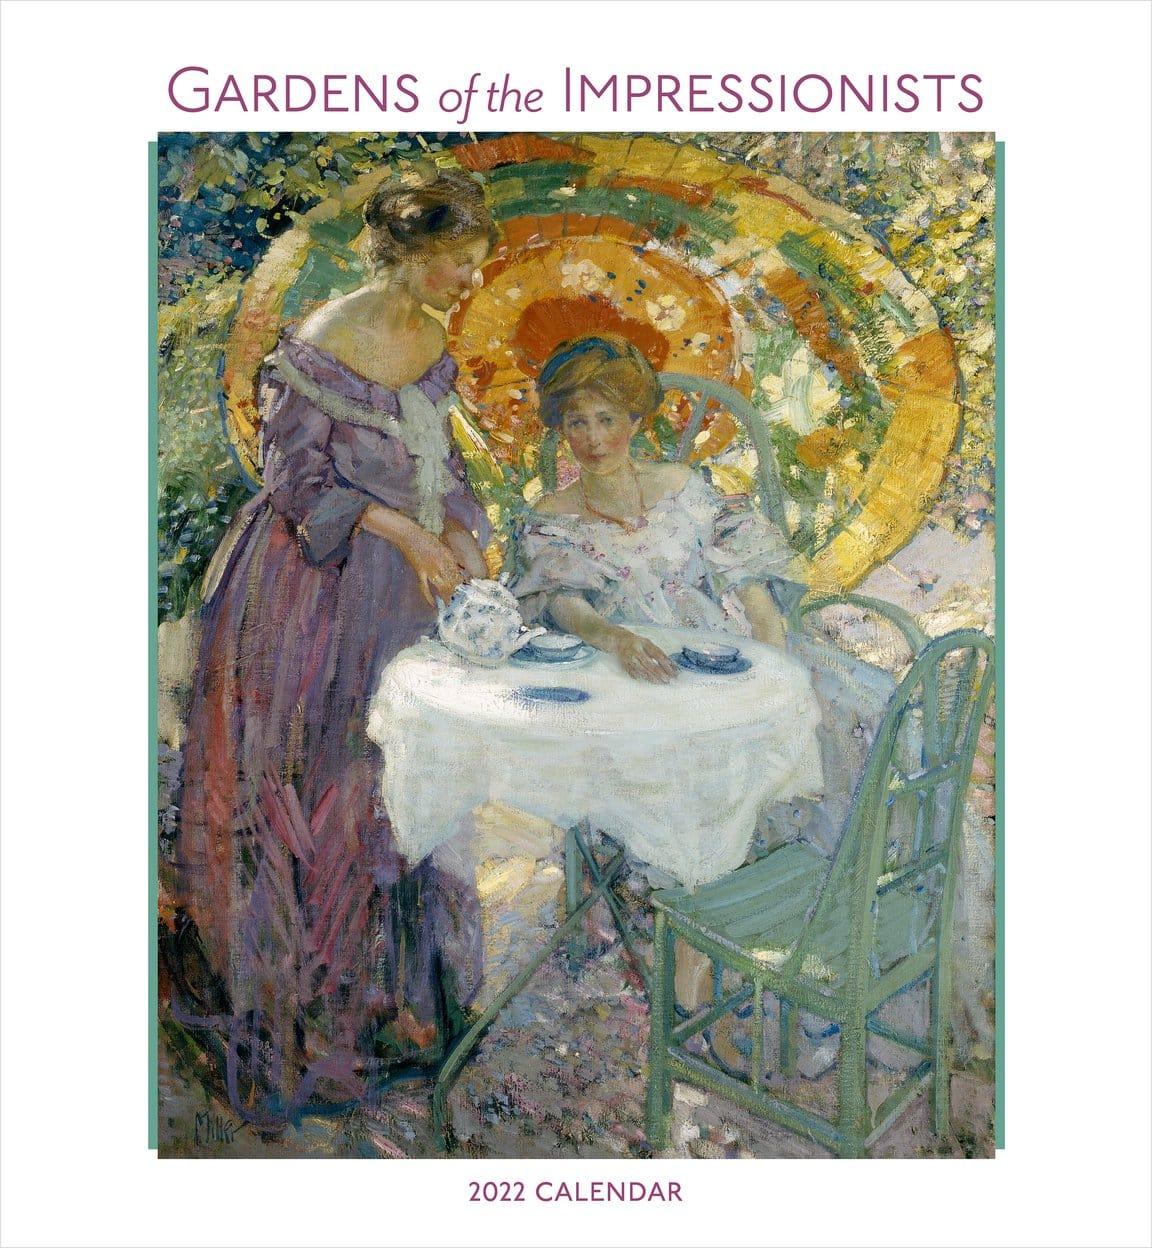 Gardens Impressionists 2022 Calendar